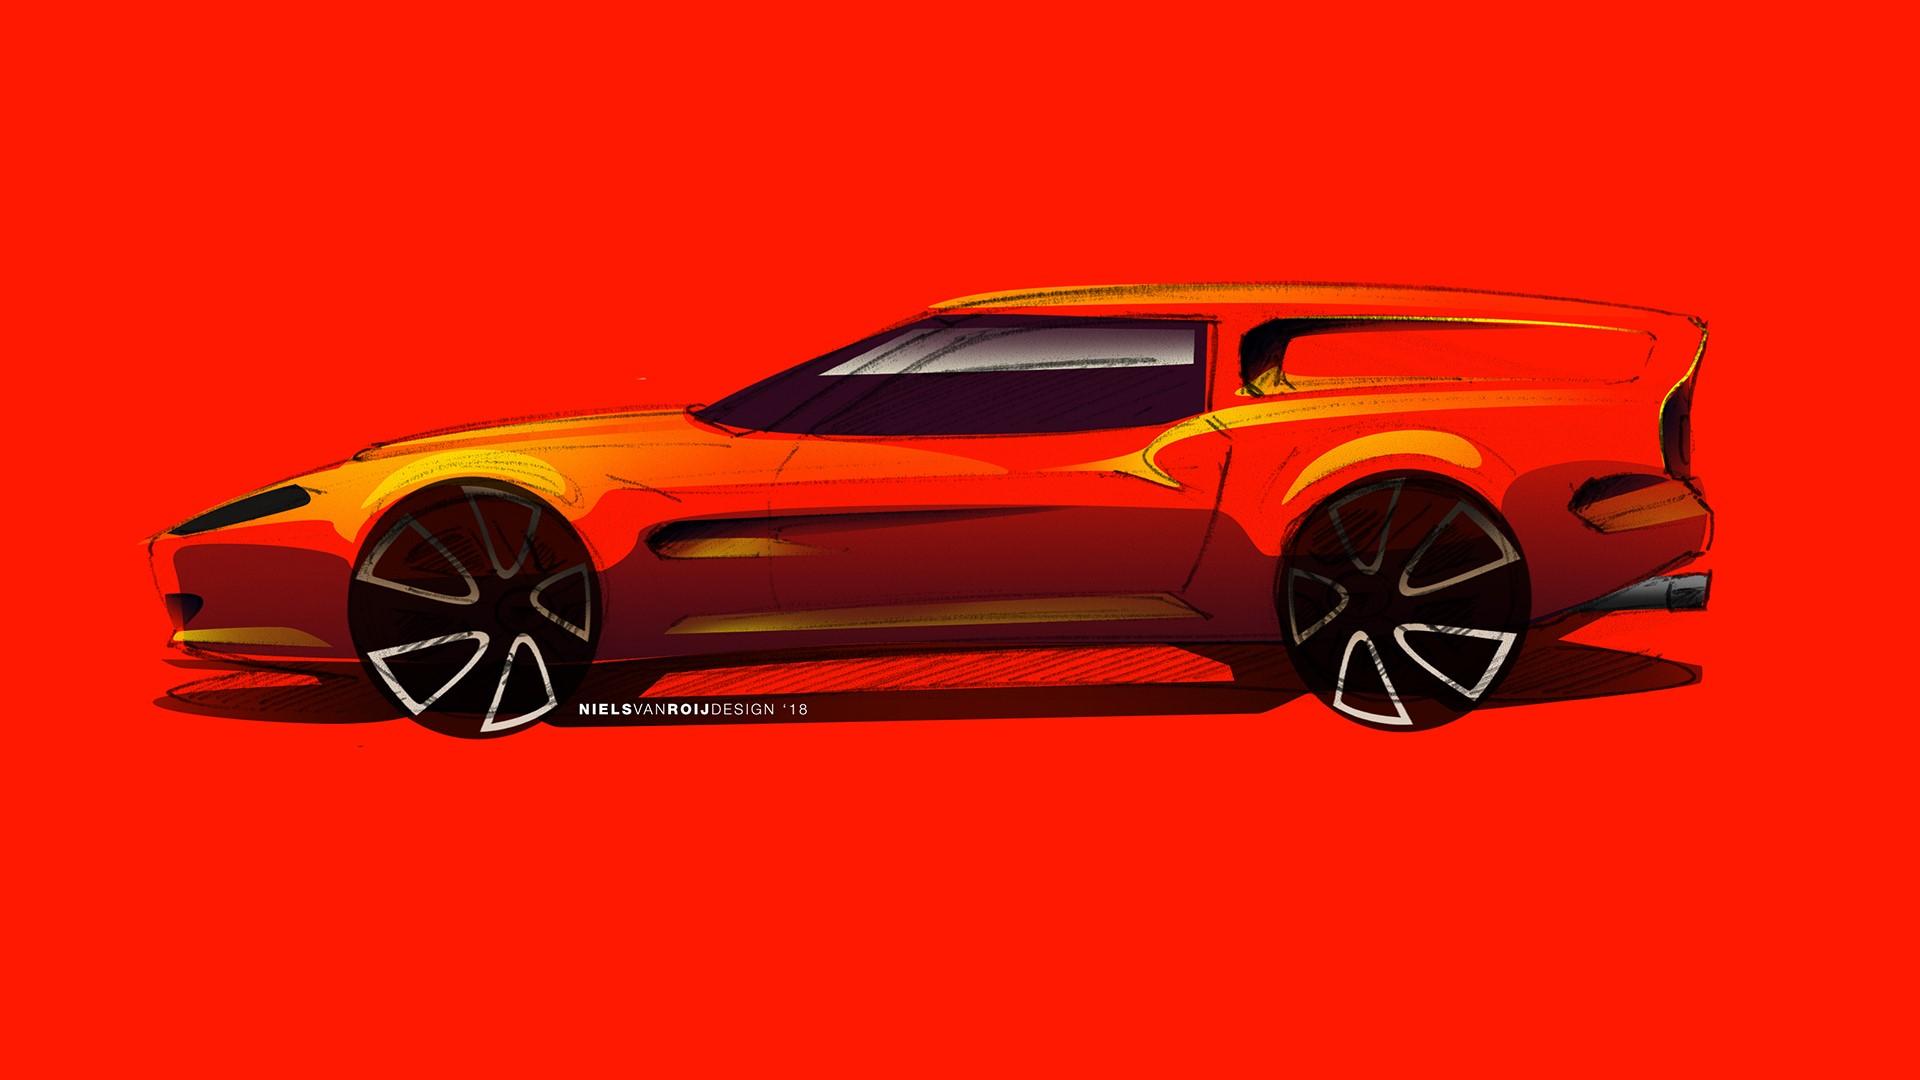 18 12 26 Niels van Roij Design - Breadvan Hommage ideation 007